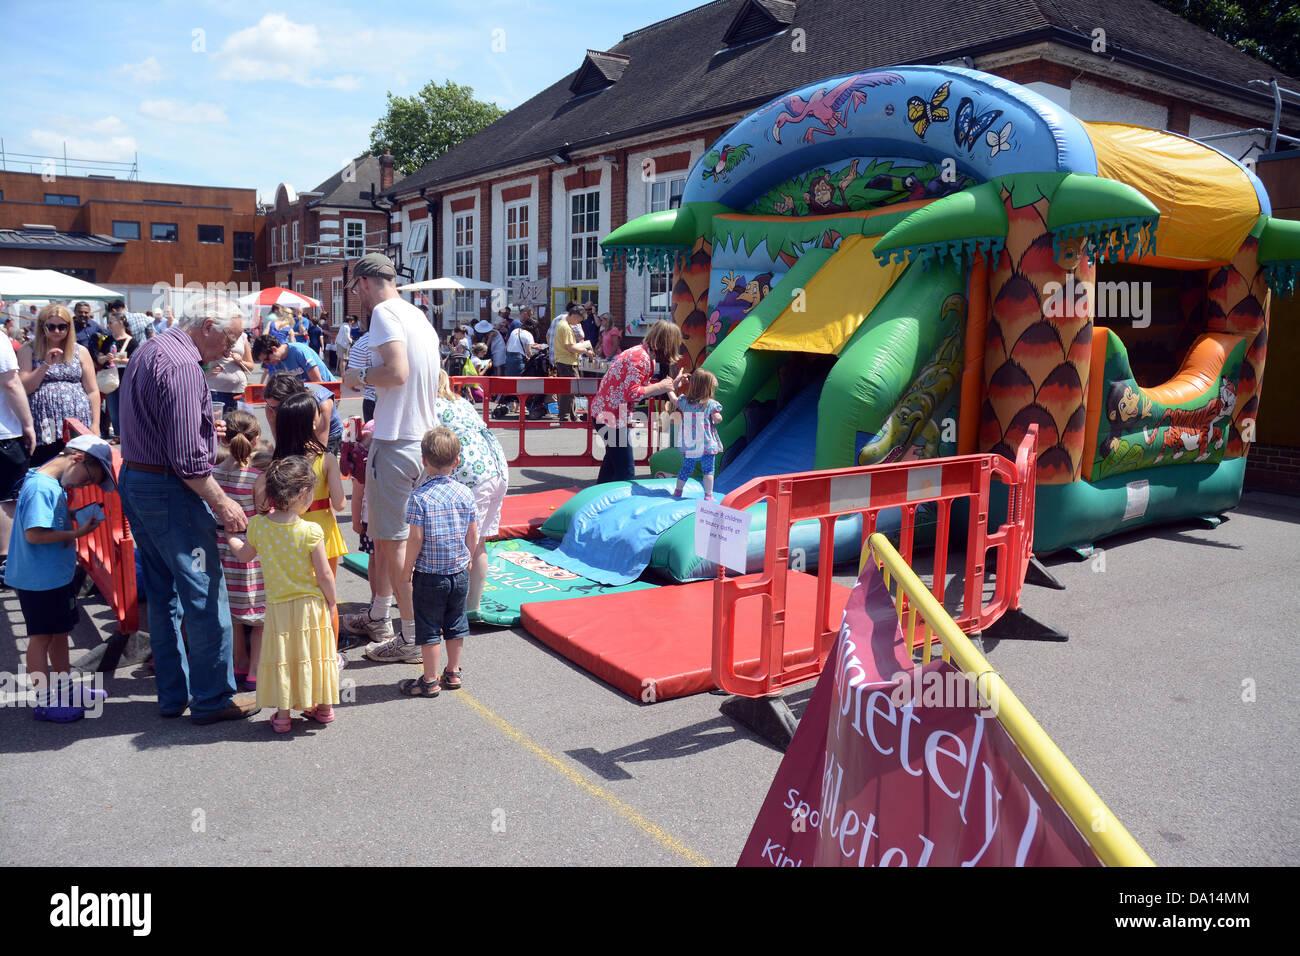 Eltern und Kinder warten auf eine Hüpfburg in einer Grundschule Sommer Messe gehen Stockbild